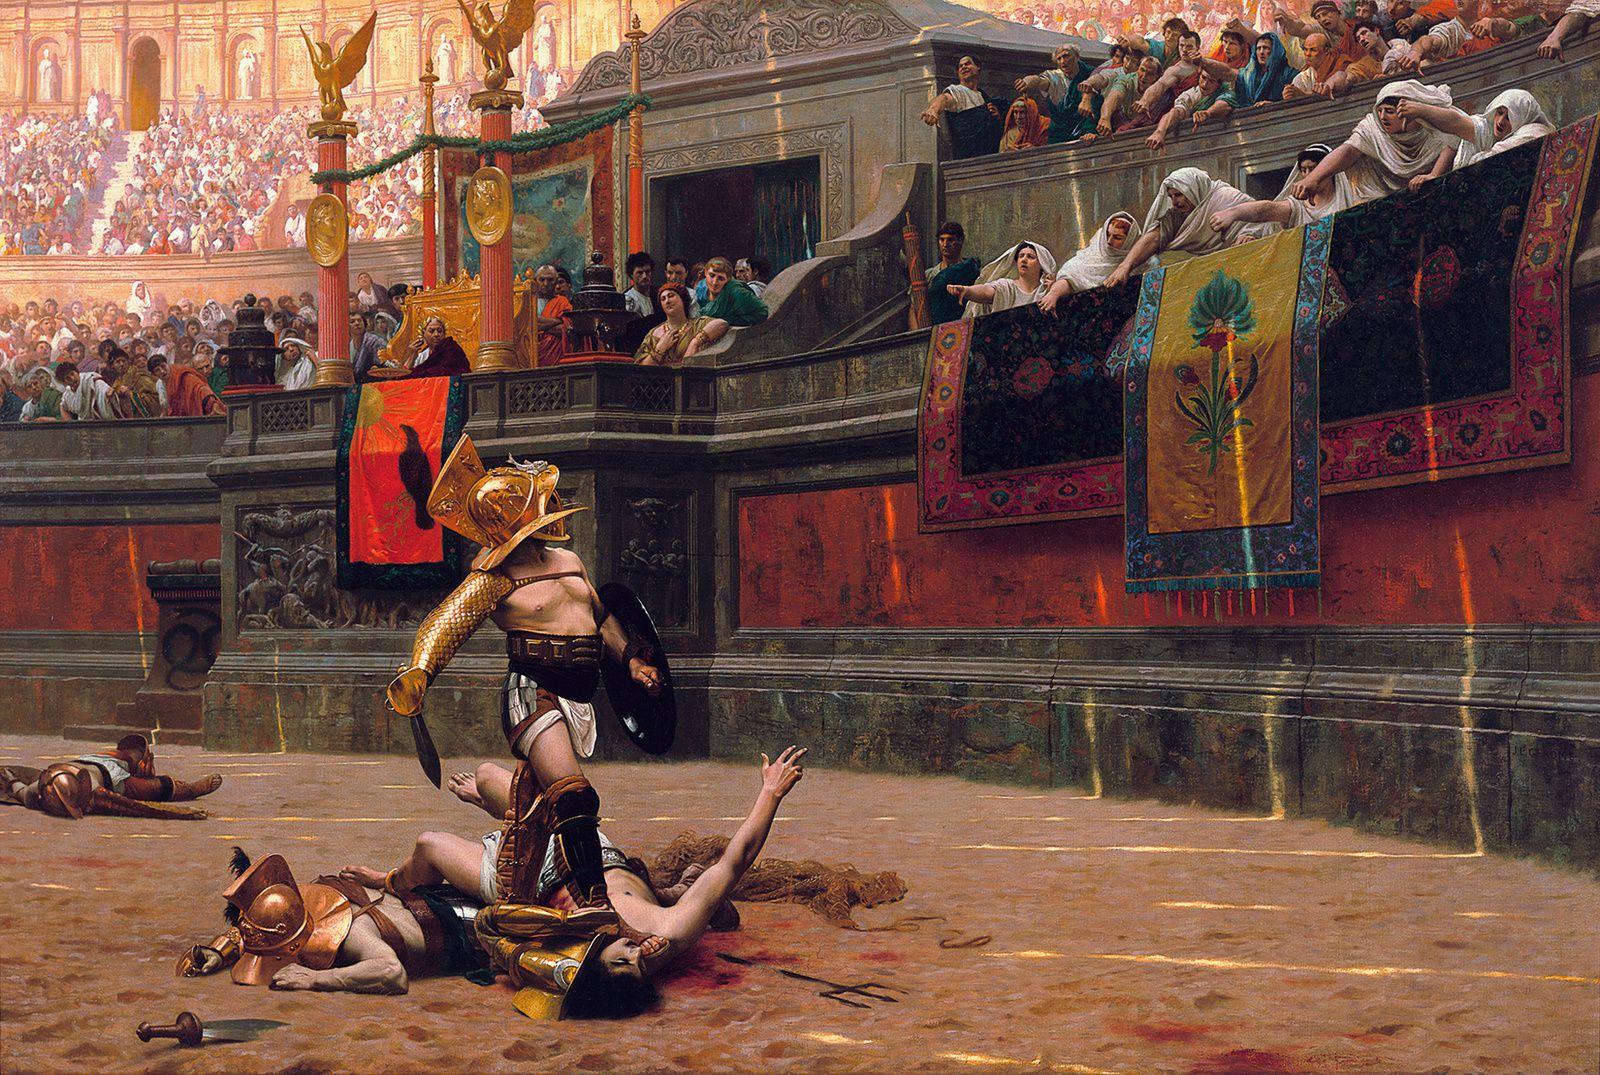 """Jean-Léon Gérôme, """"Pollice verso"""", 1872, huile sur toile, 100.3 x 148 cm, Phoenix Art Museum, Etats-Unis."""